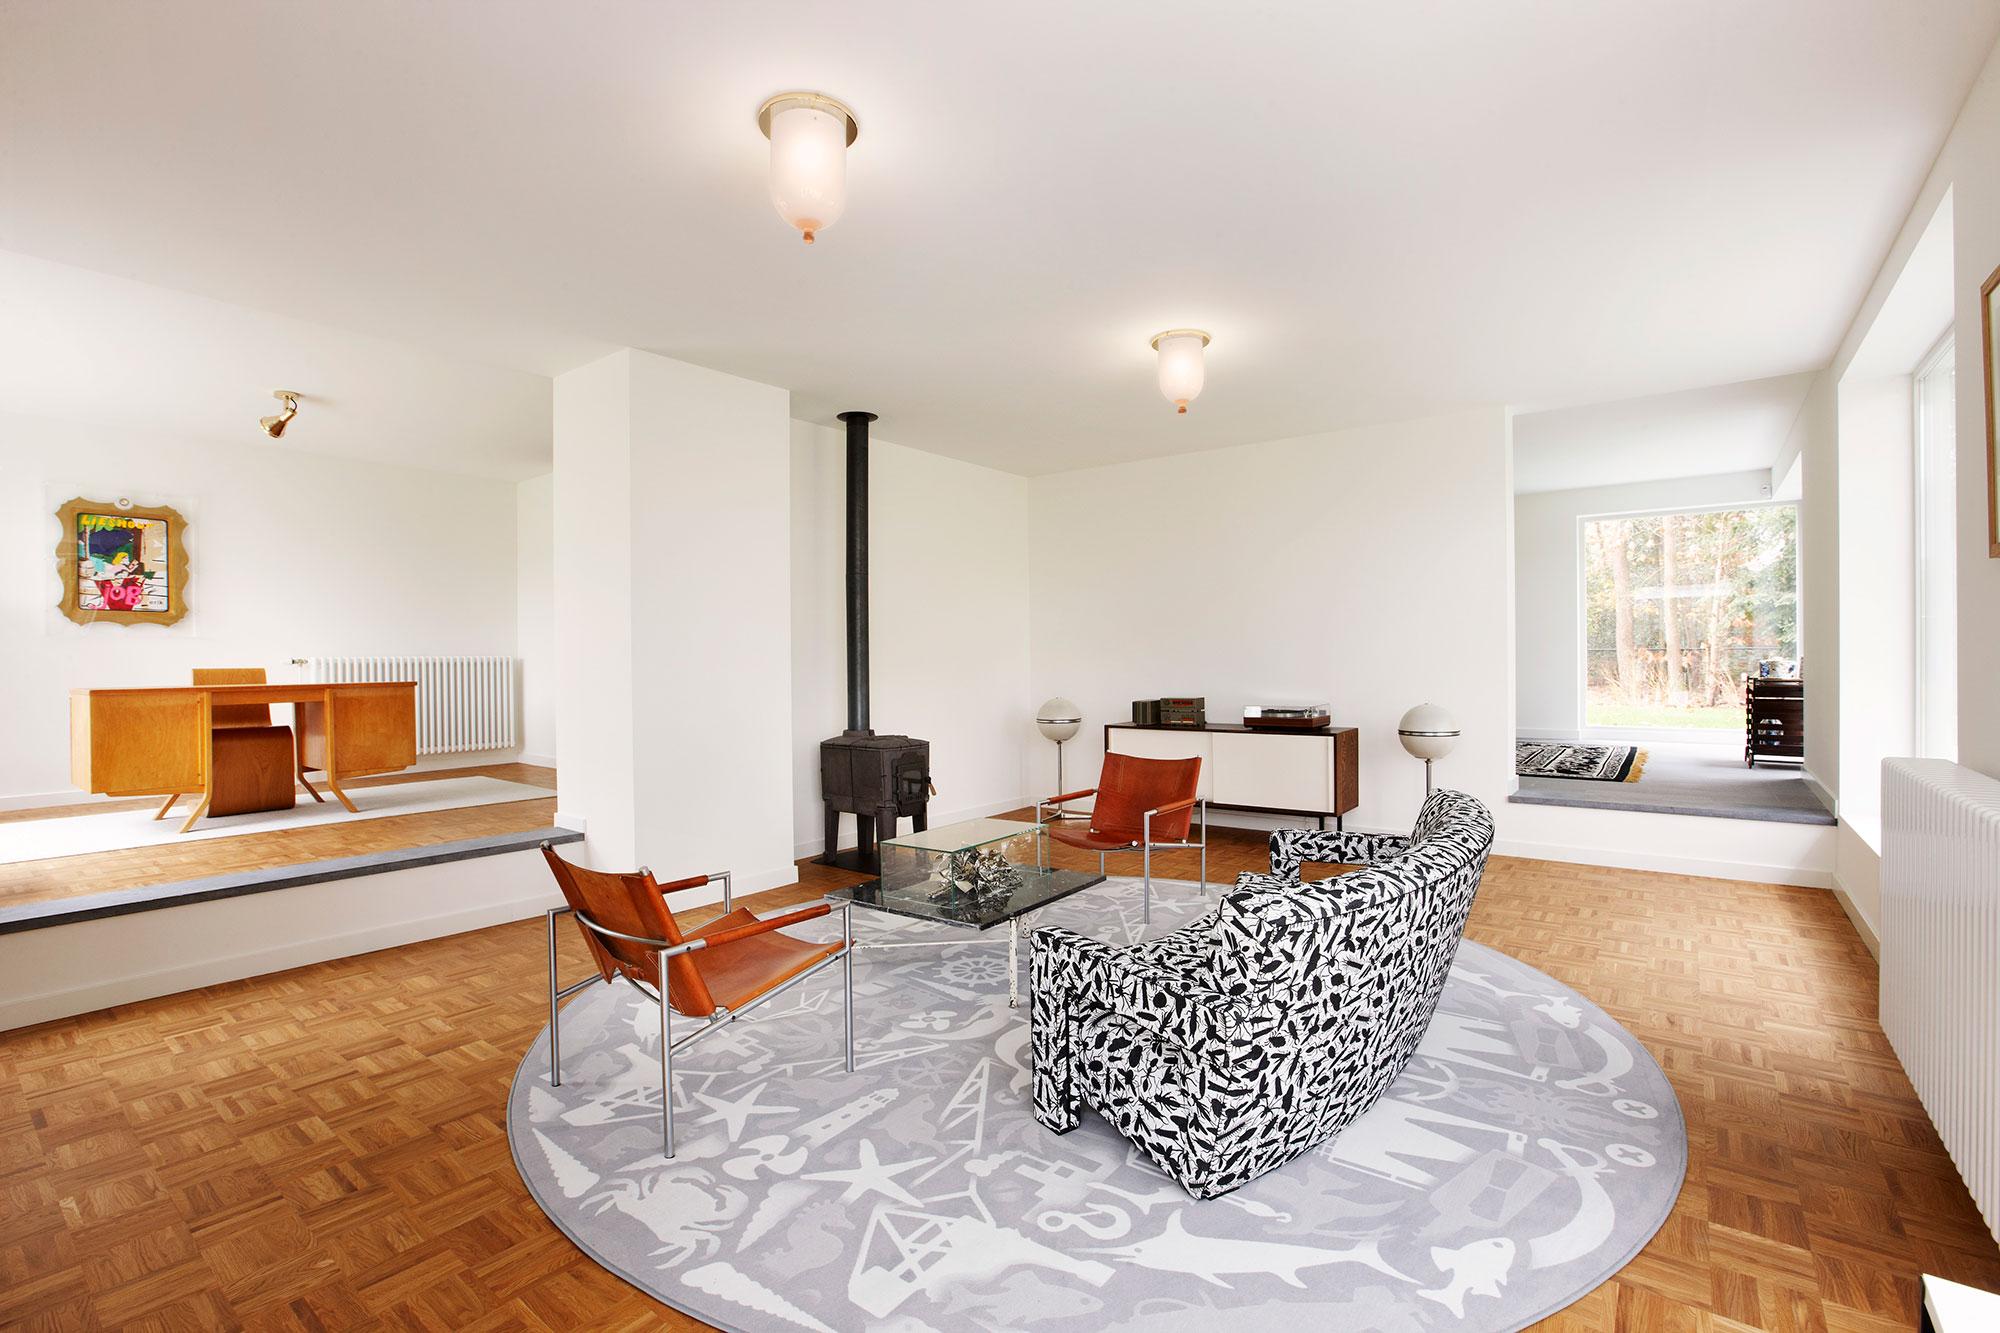 Studio-Job-House-floor0-living